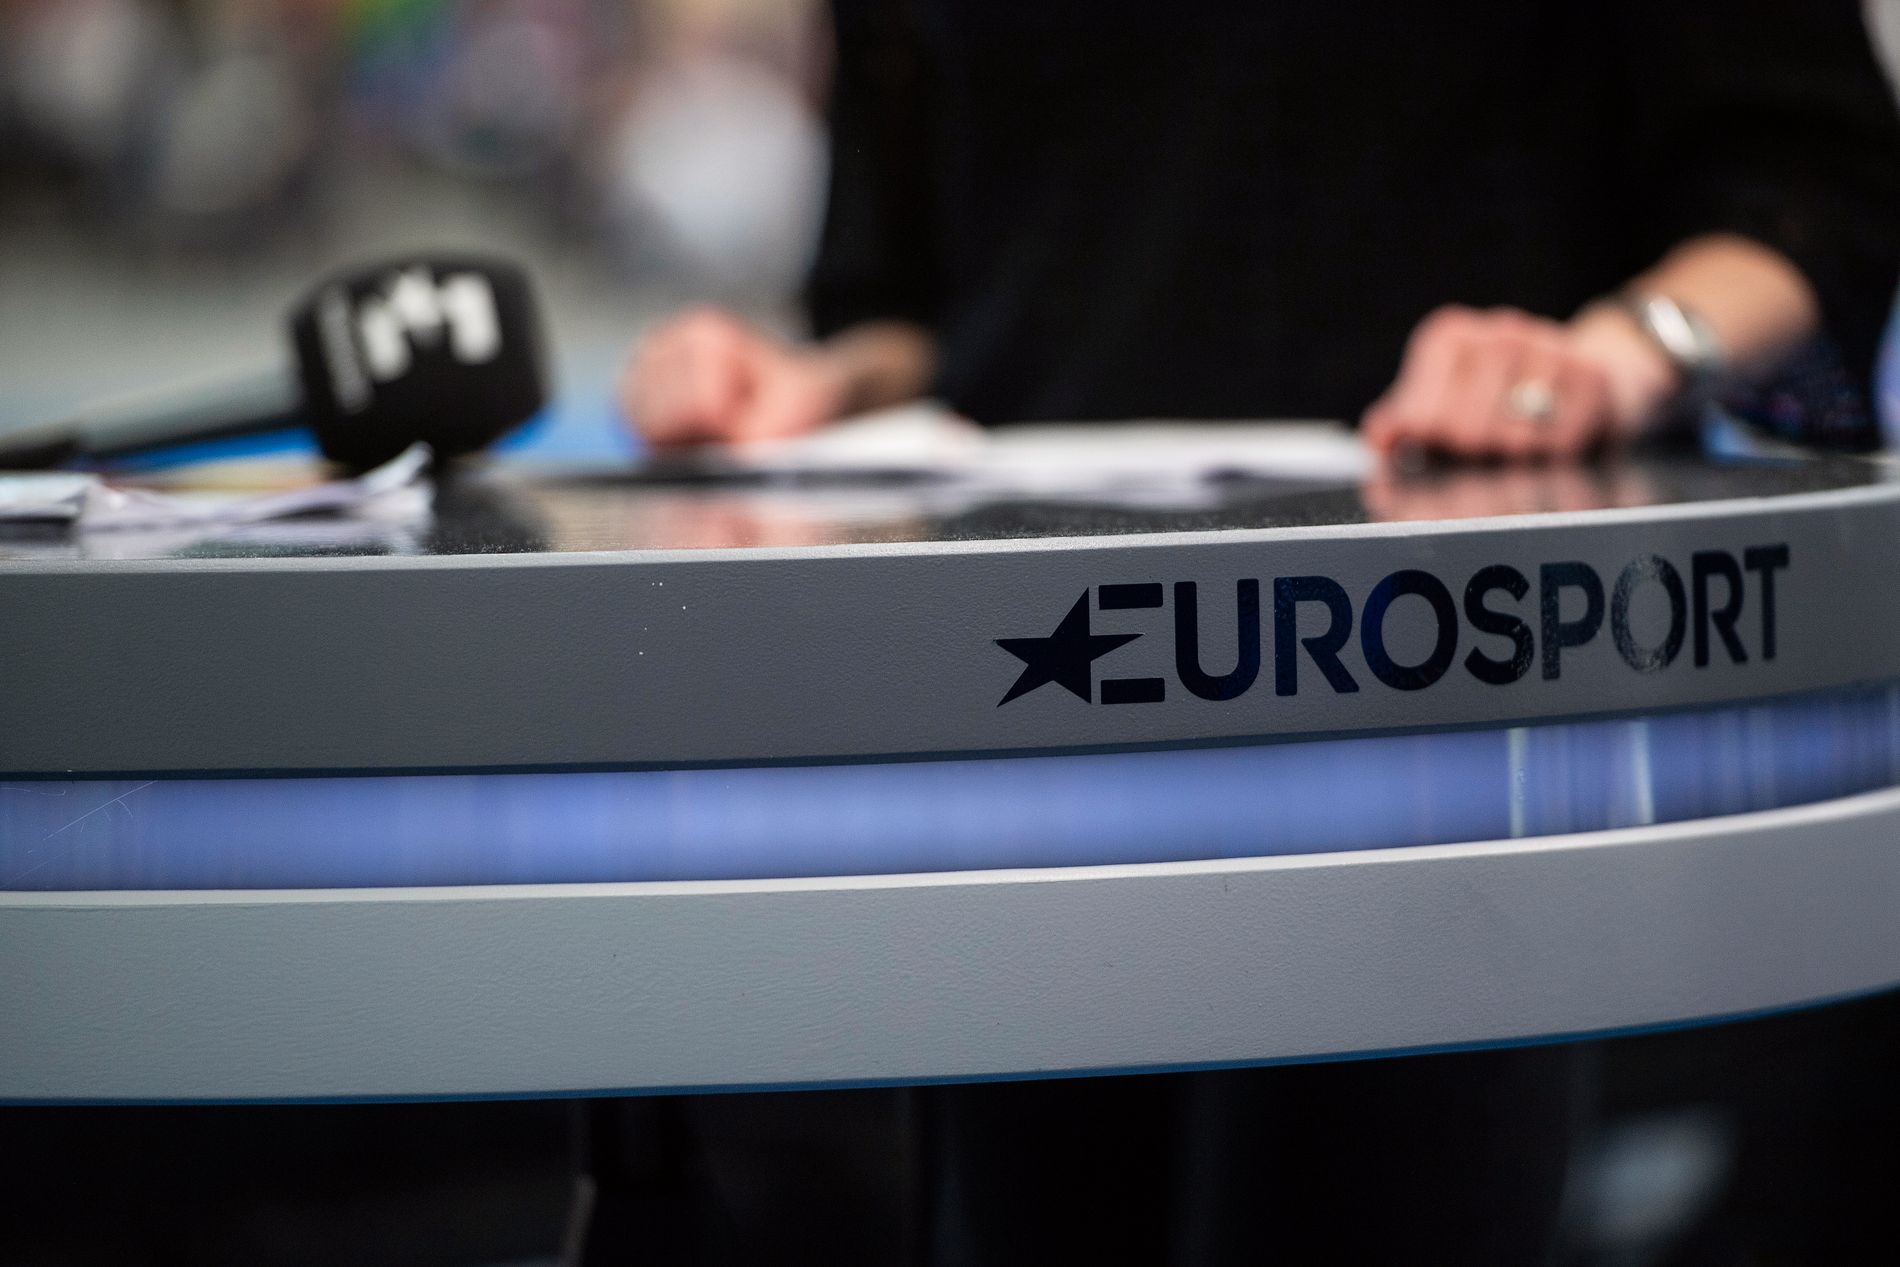 Kanalen Eurosport, som er rettighetshaver av Eliteserien og OBOS-ligaen, mottok flere klager over feilinformasjon på sendeskjema søndag. Bildet over er tatt i en annen sammenheng.